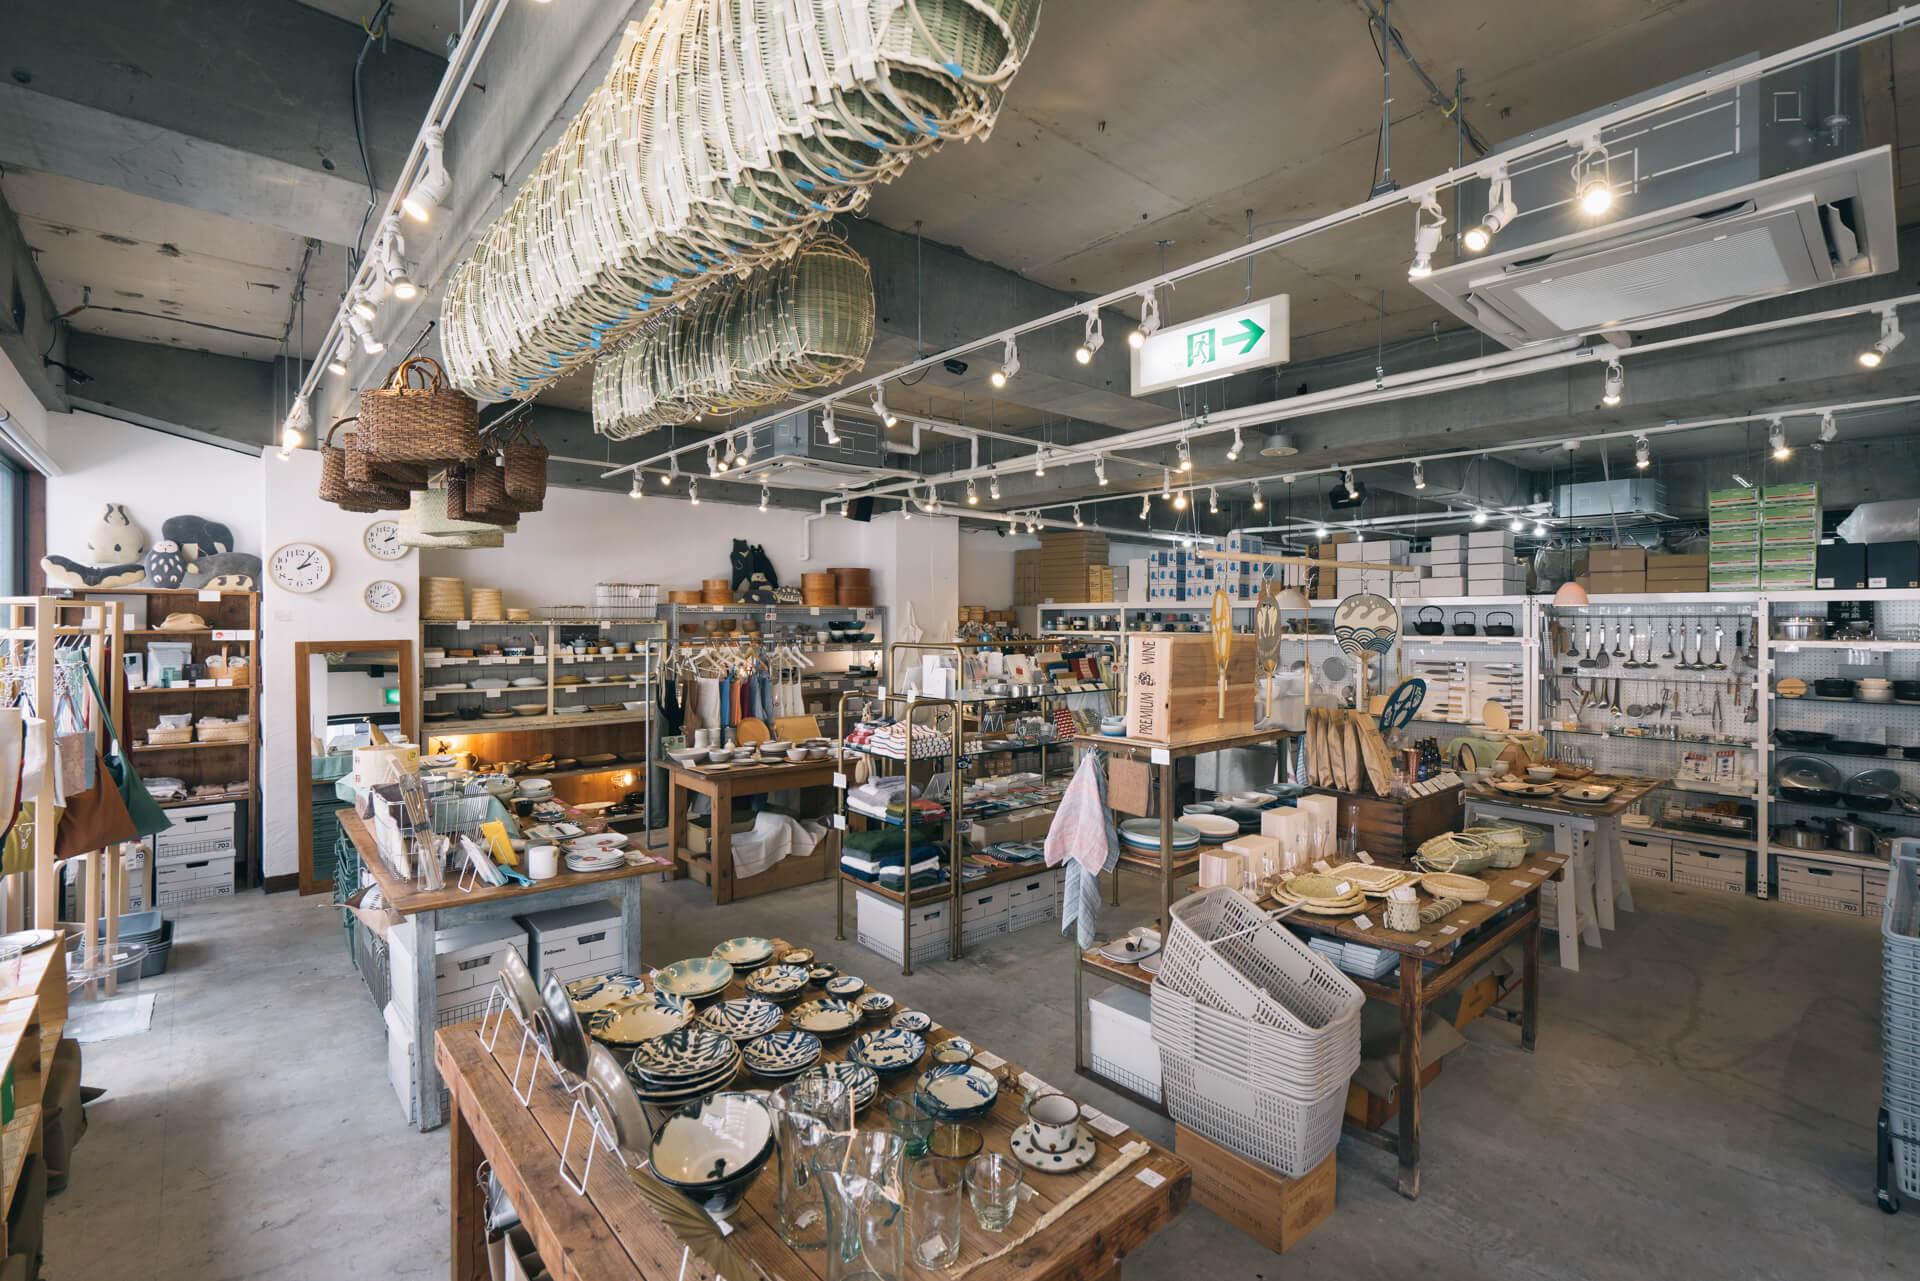 ちゃんとしたキッチン雑貨が欲しいと思ったら、まずここ、「cotogoto」へ。